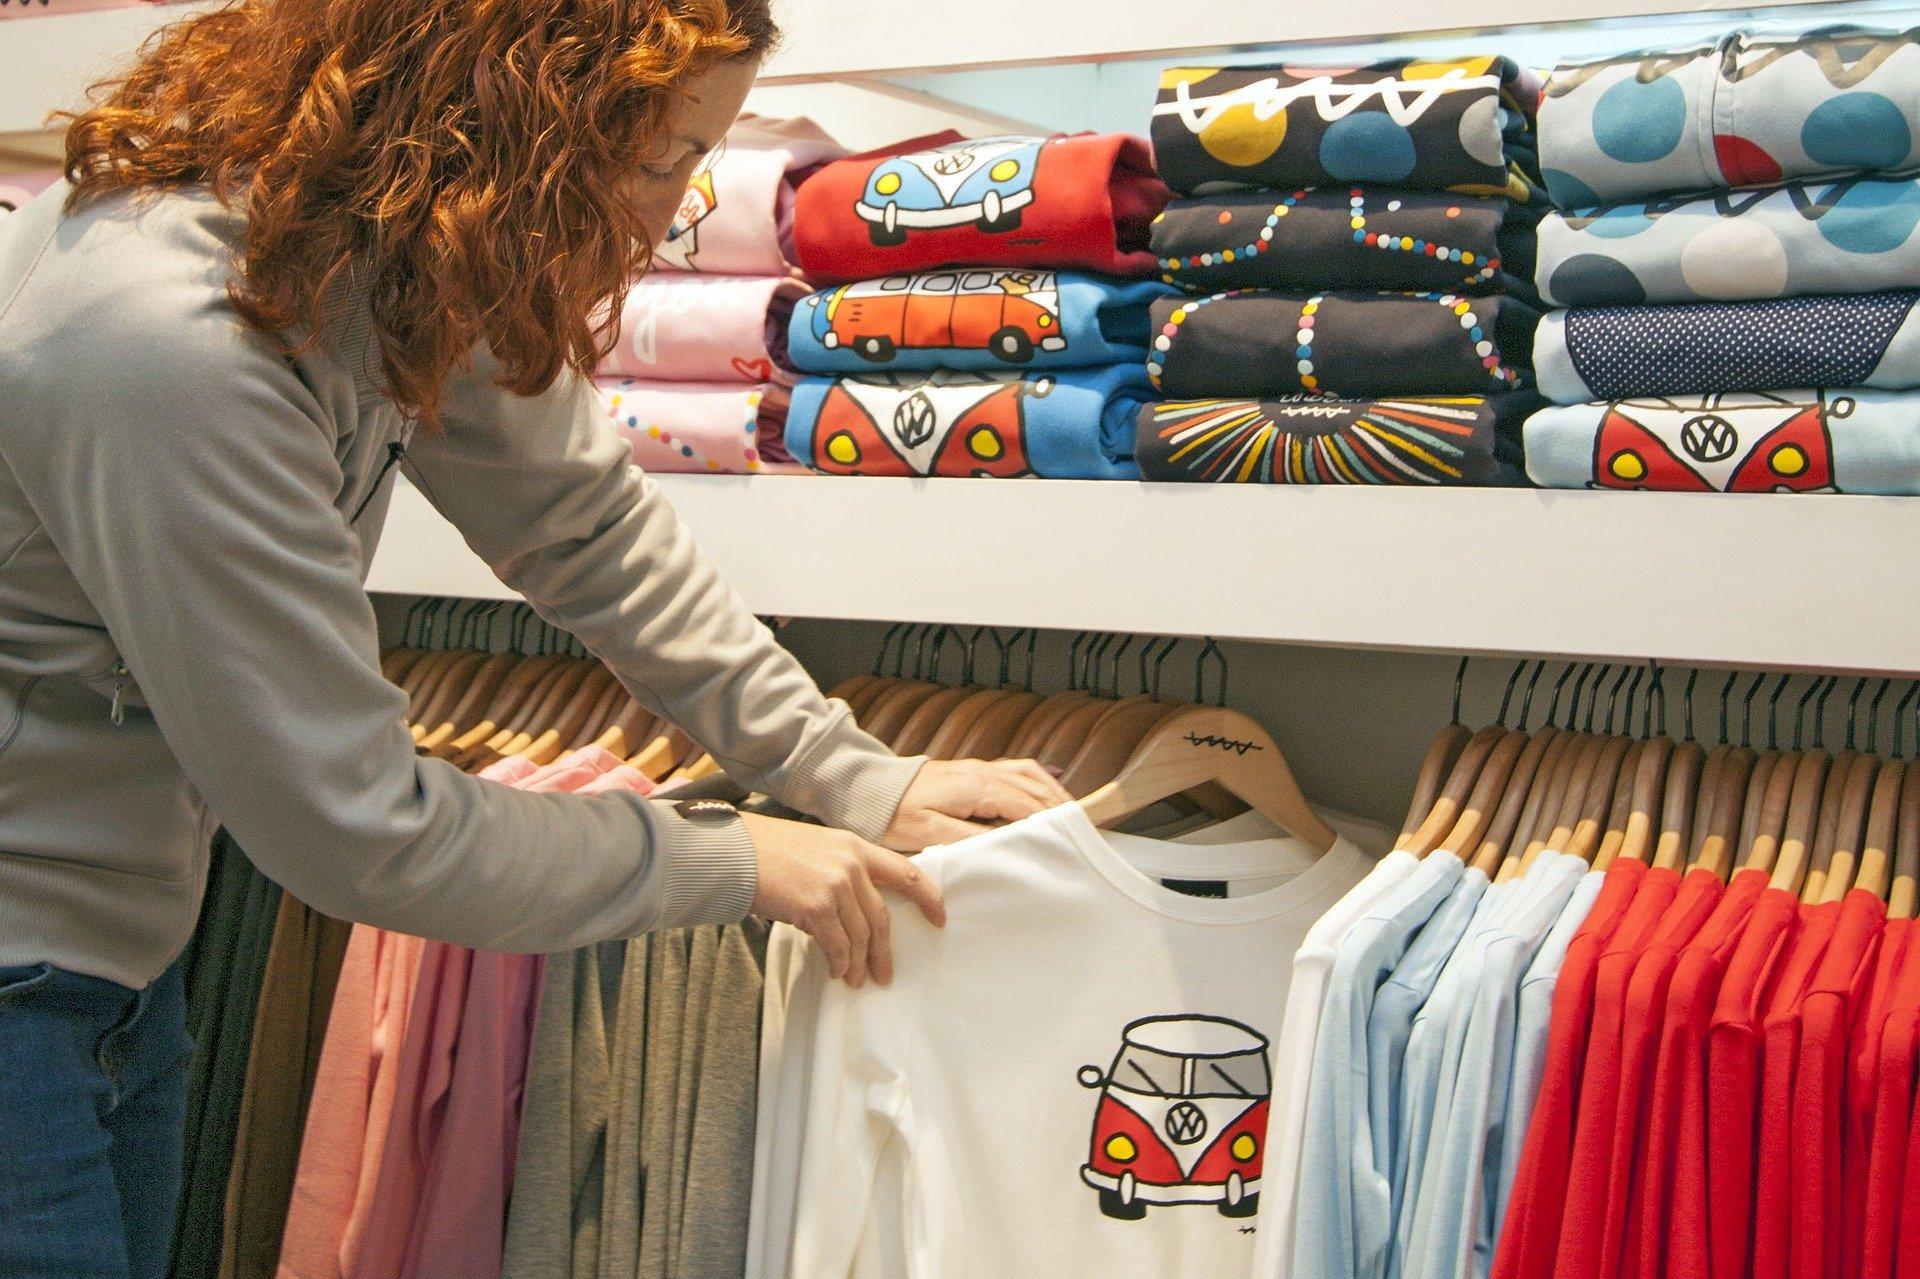 Sitodruk na ubraniach i jego zastosowania firmowe